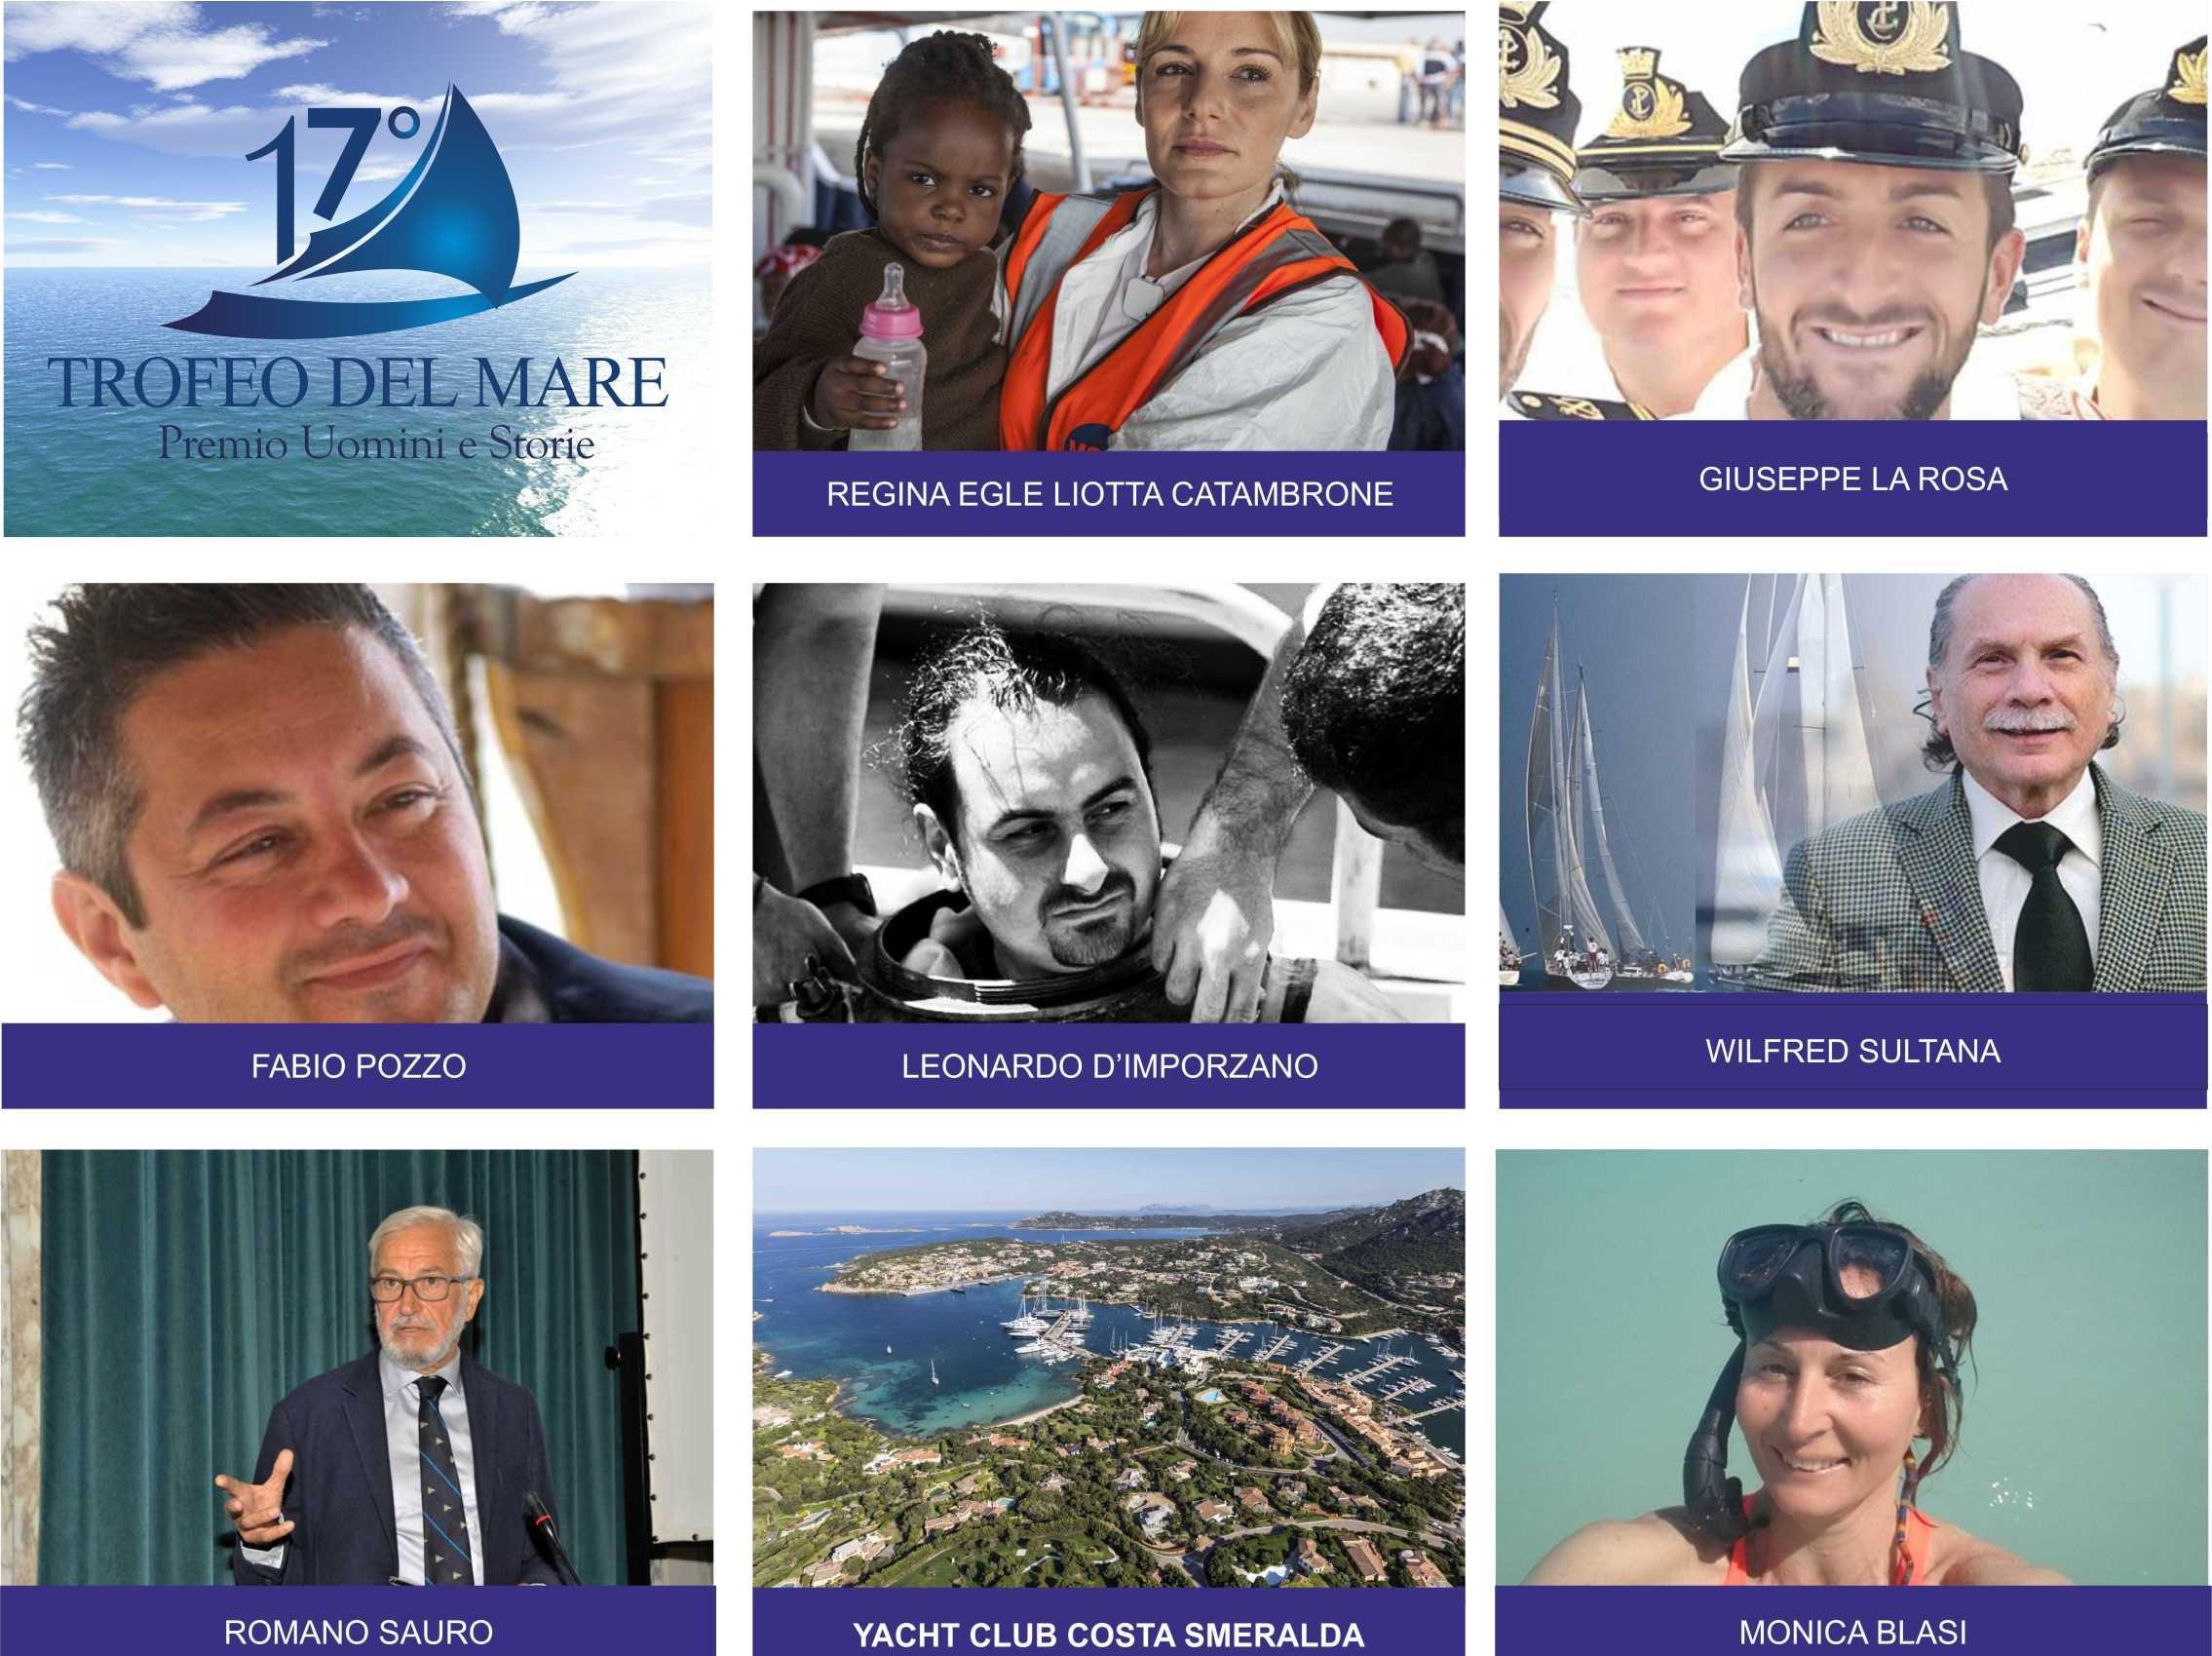 Pozzallo, Trofeo del mare 2017: resi noti i nomi degli otto premiati